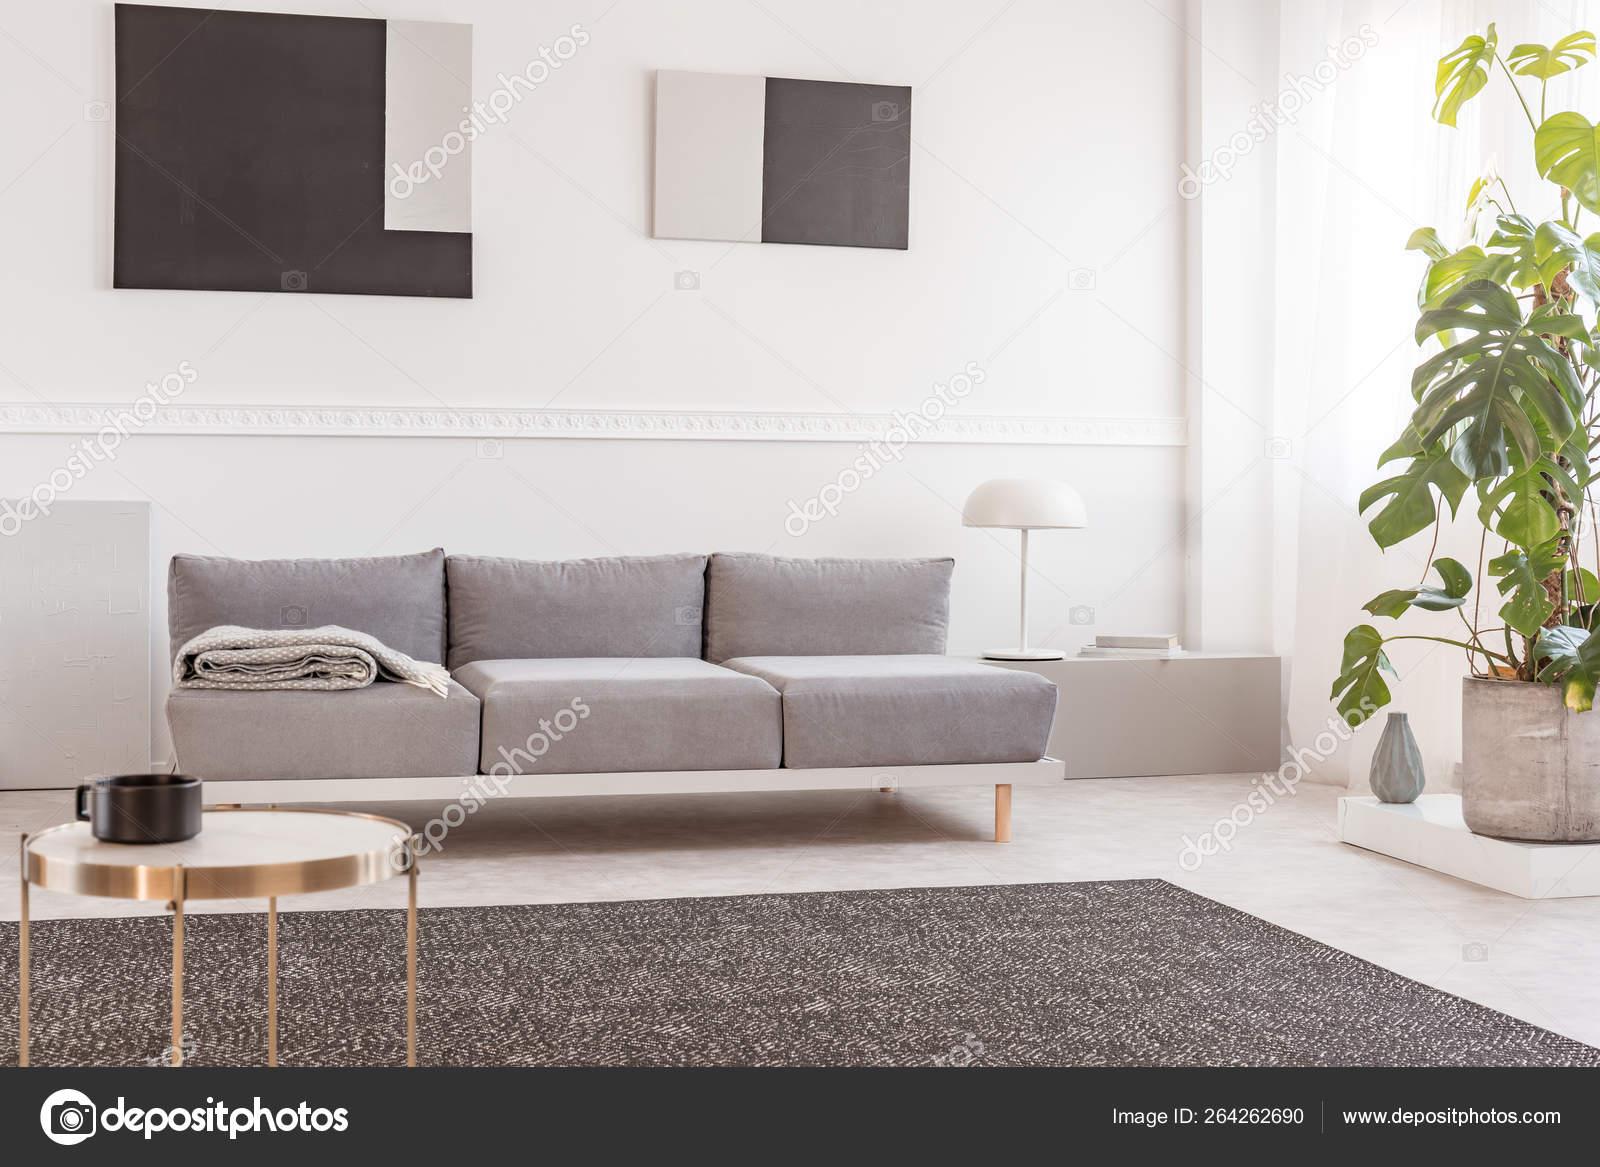 Abstrait géométrique noir et gris peintures sur mur blanc de ...